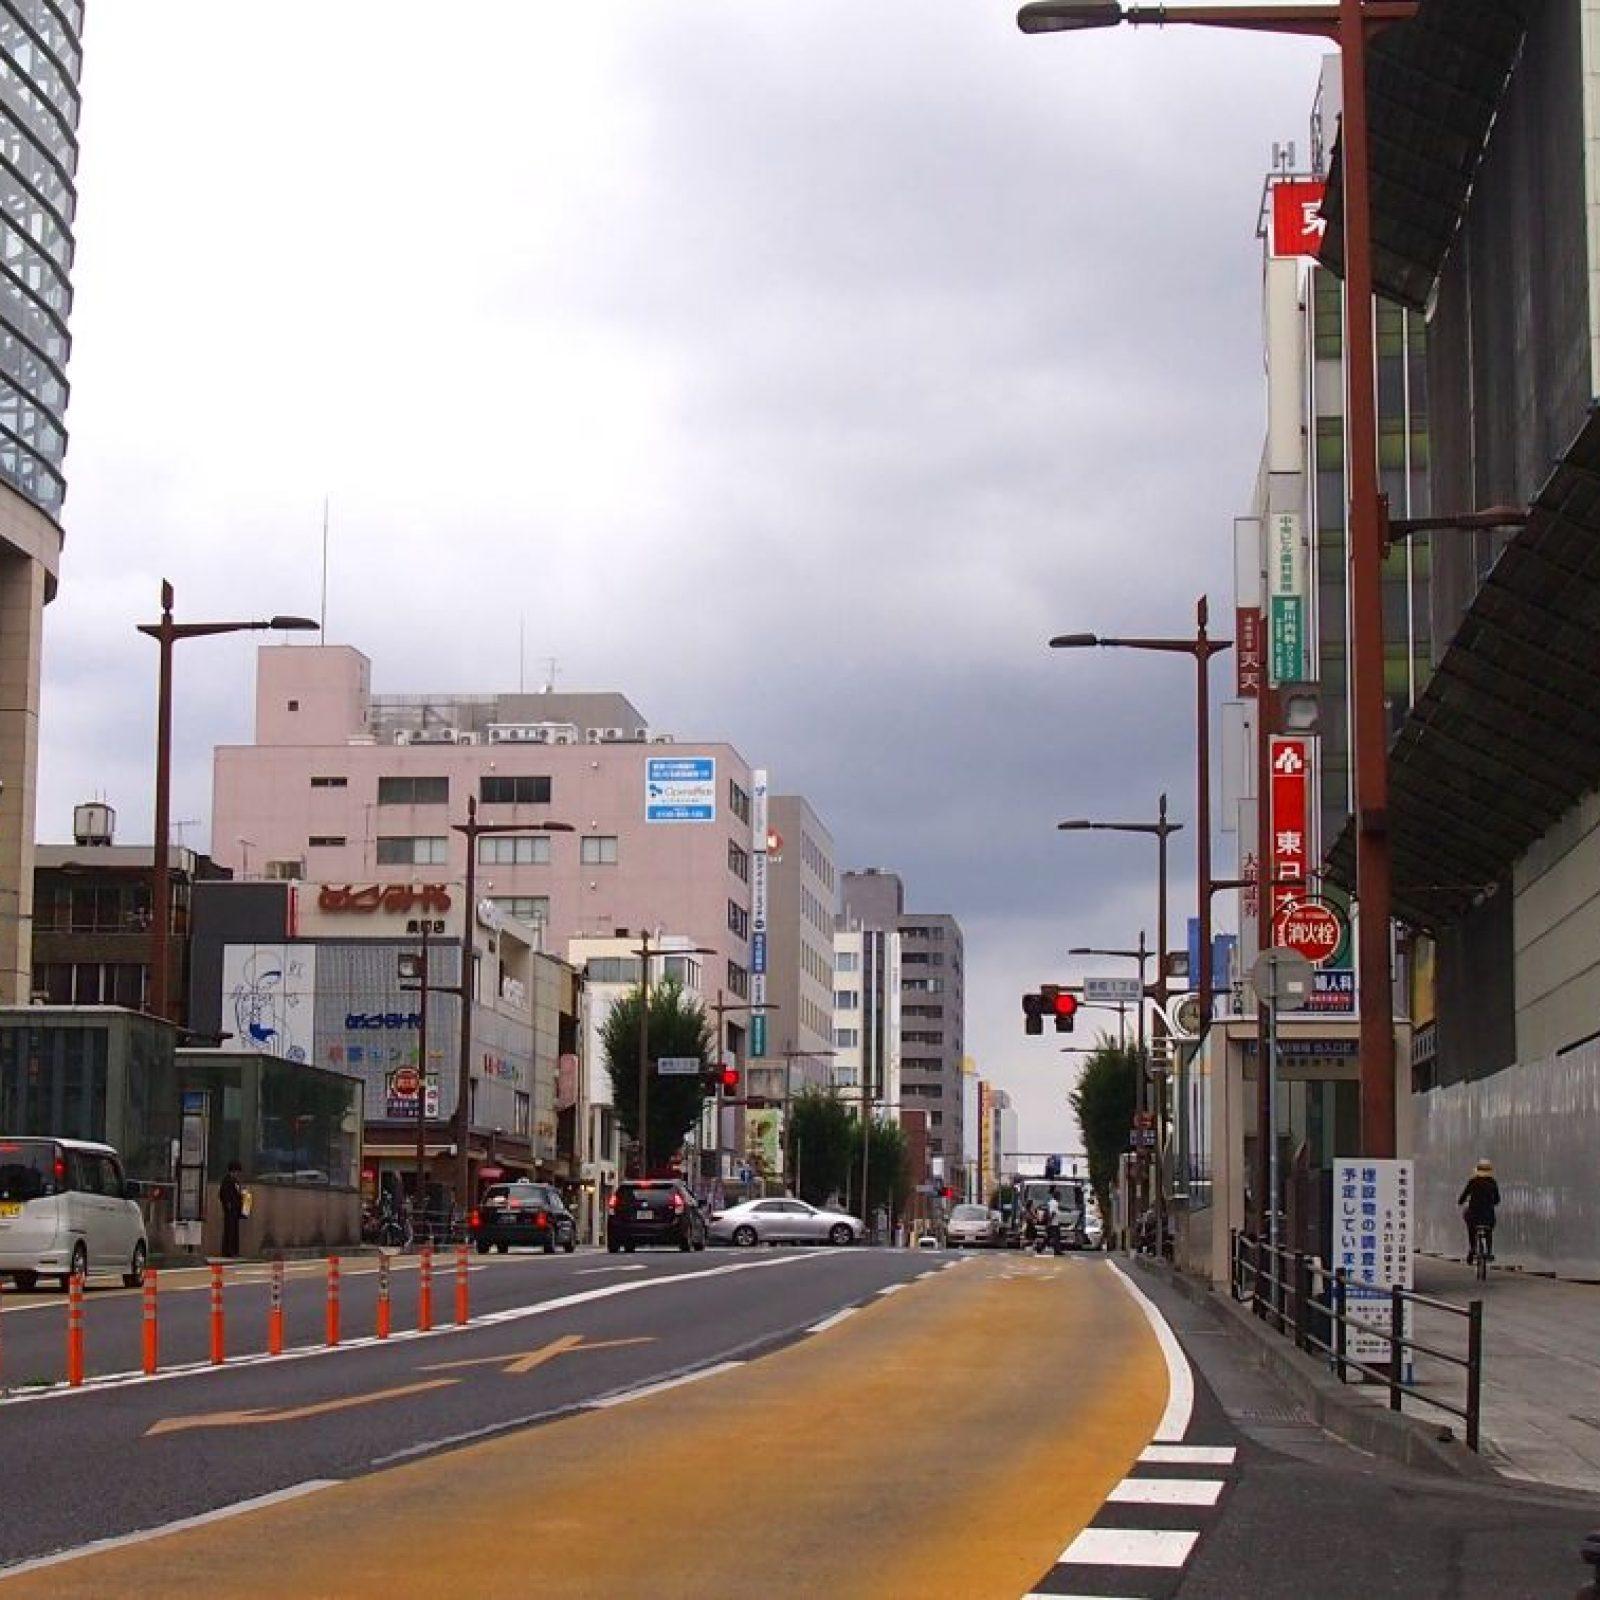 水戸駅北口より車で徒歩5分程走ると 左手に京成百貨店があります。その次の信号を右折します。